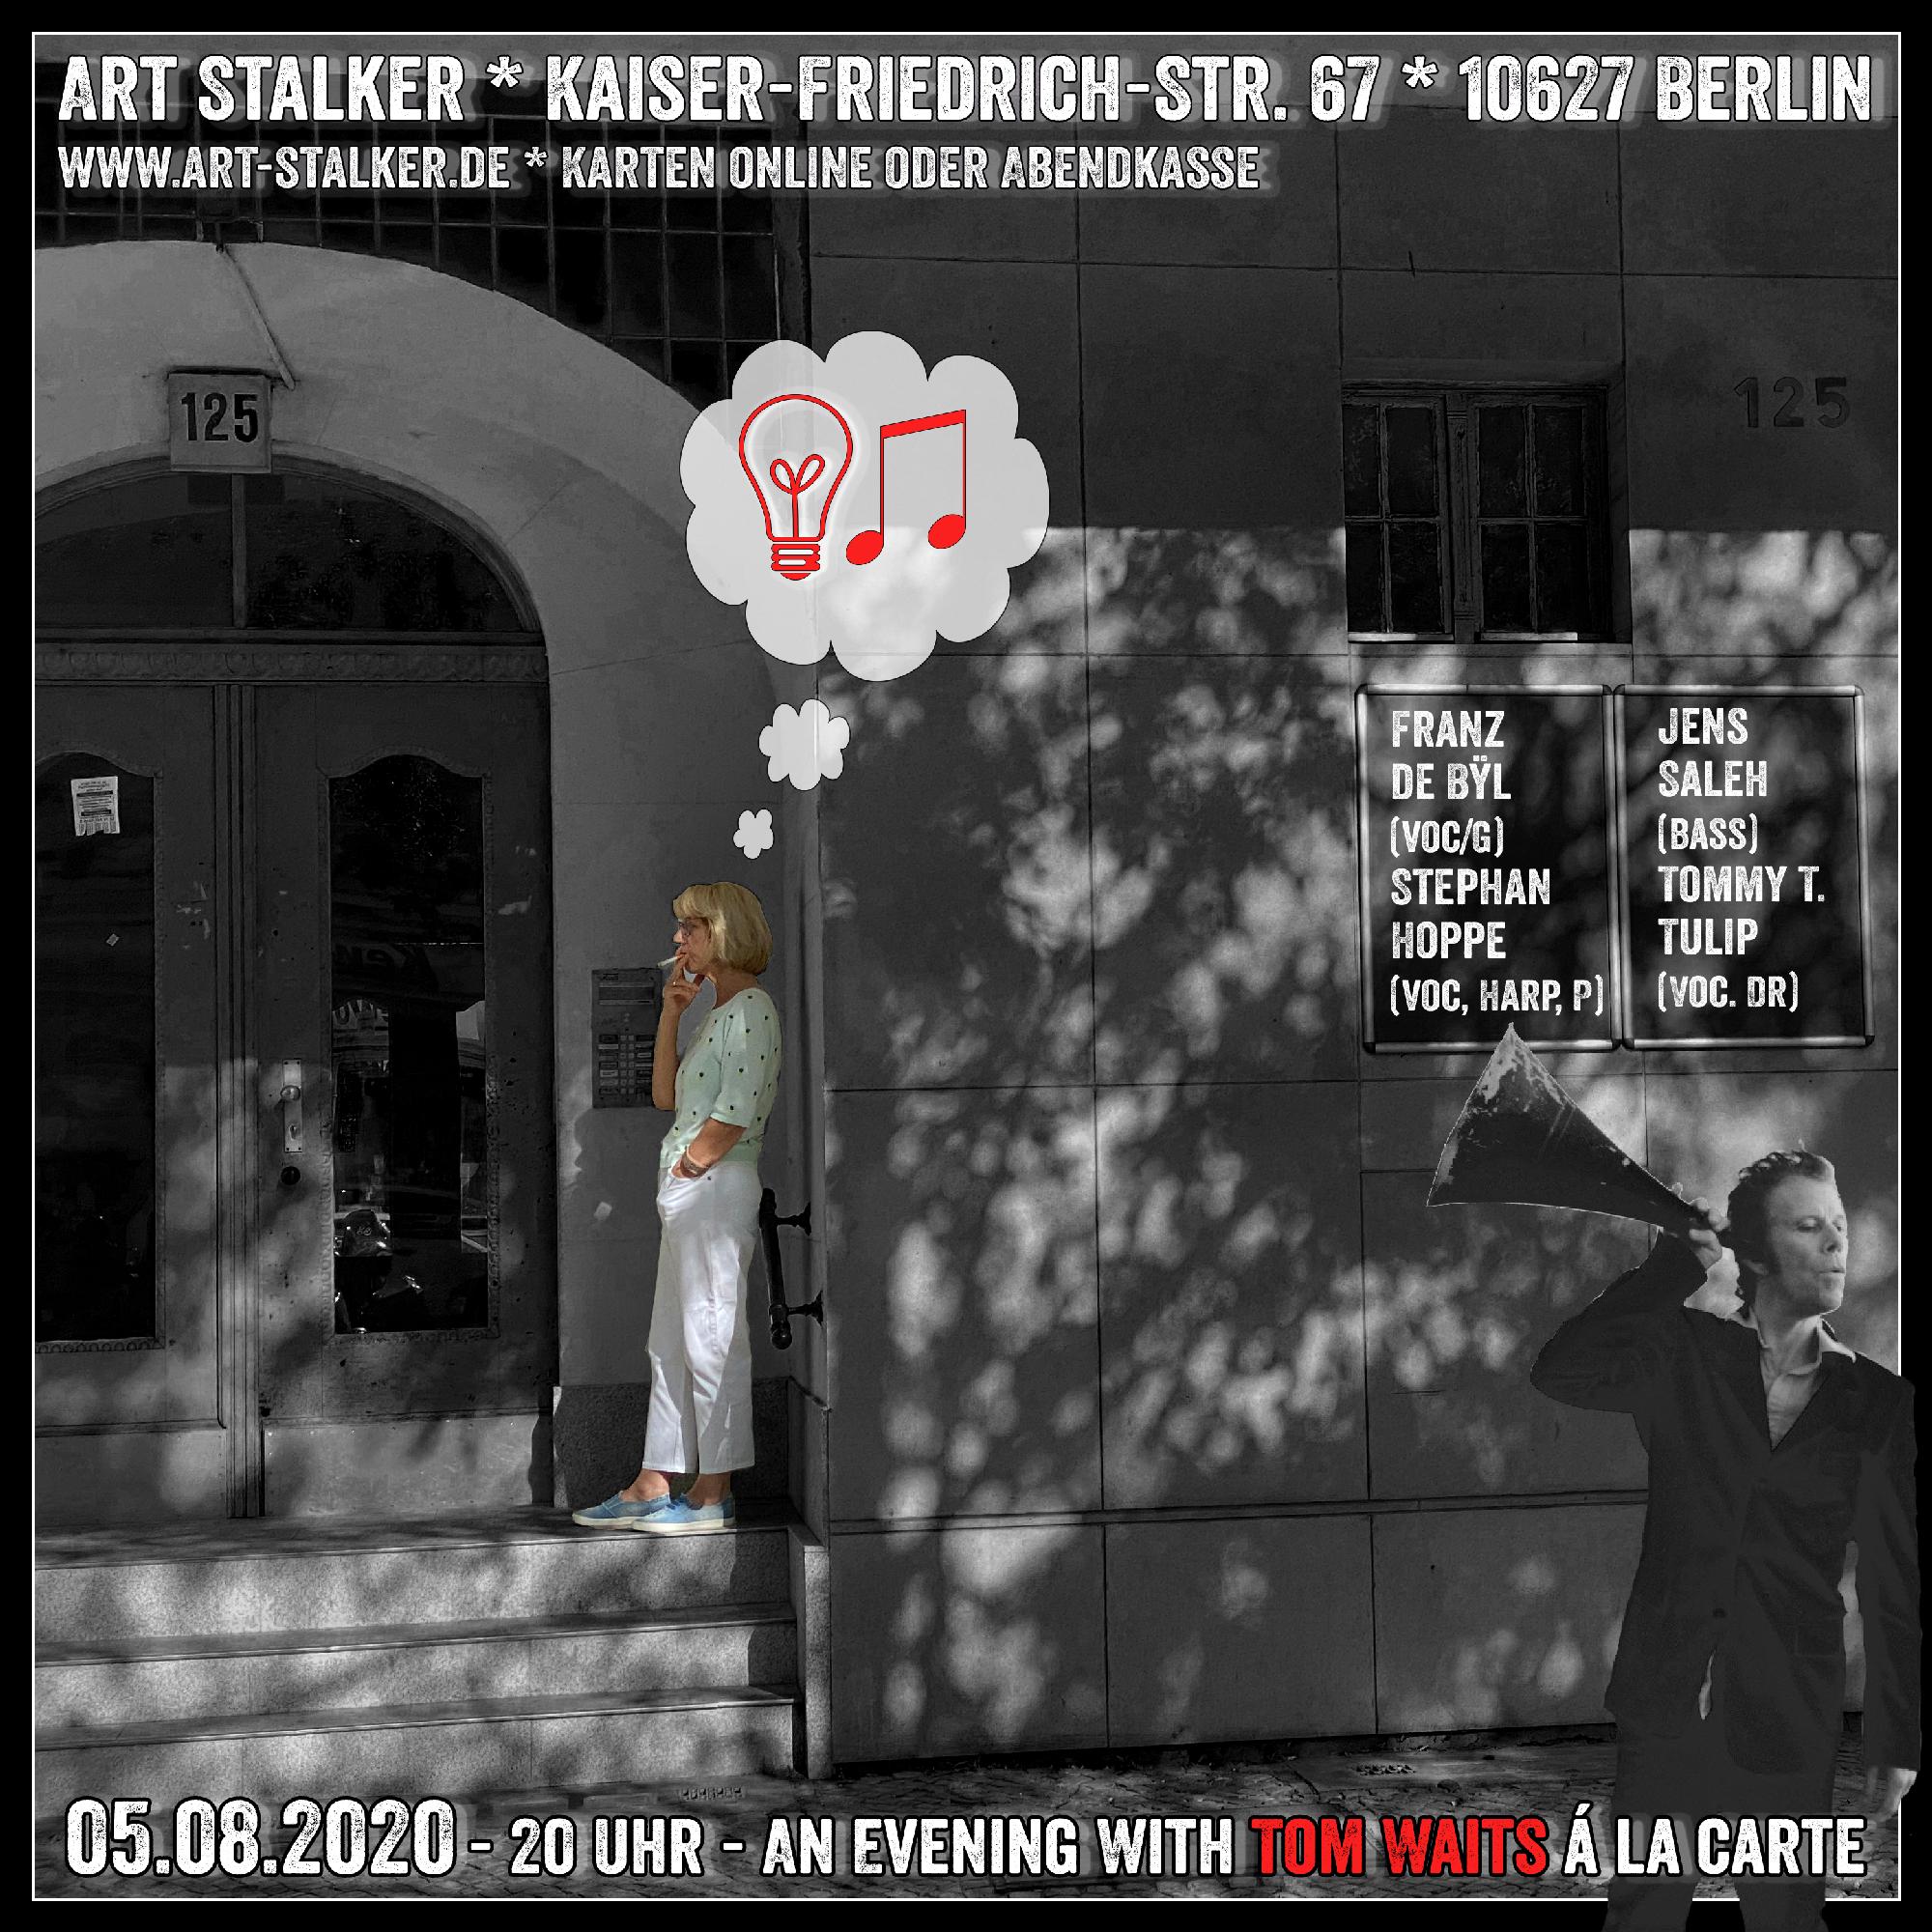 An Evening with Tom Waits á la carte - Franz de Bÿl (voc/g), Stephan Hoppe (kb,, p, harp, voc) - Jens Saleh (Doublebass) - Tommy T Tulip (voc, dr) ** 05.08.20 - 20 Uhr